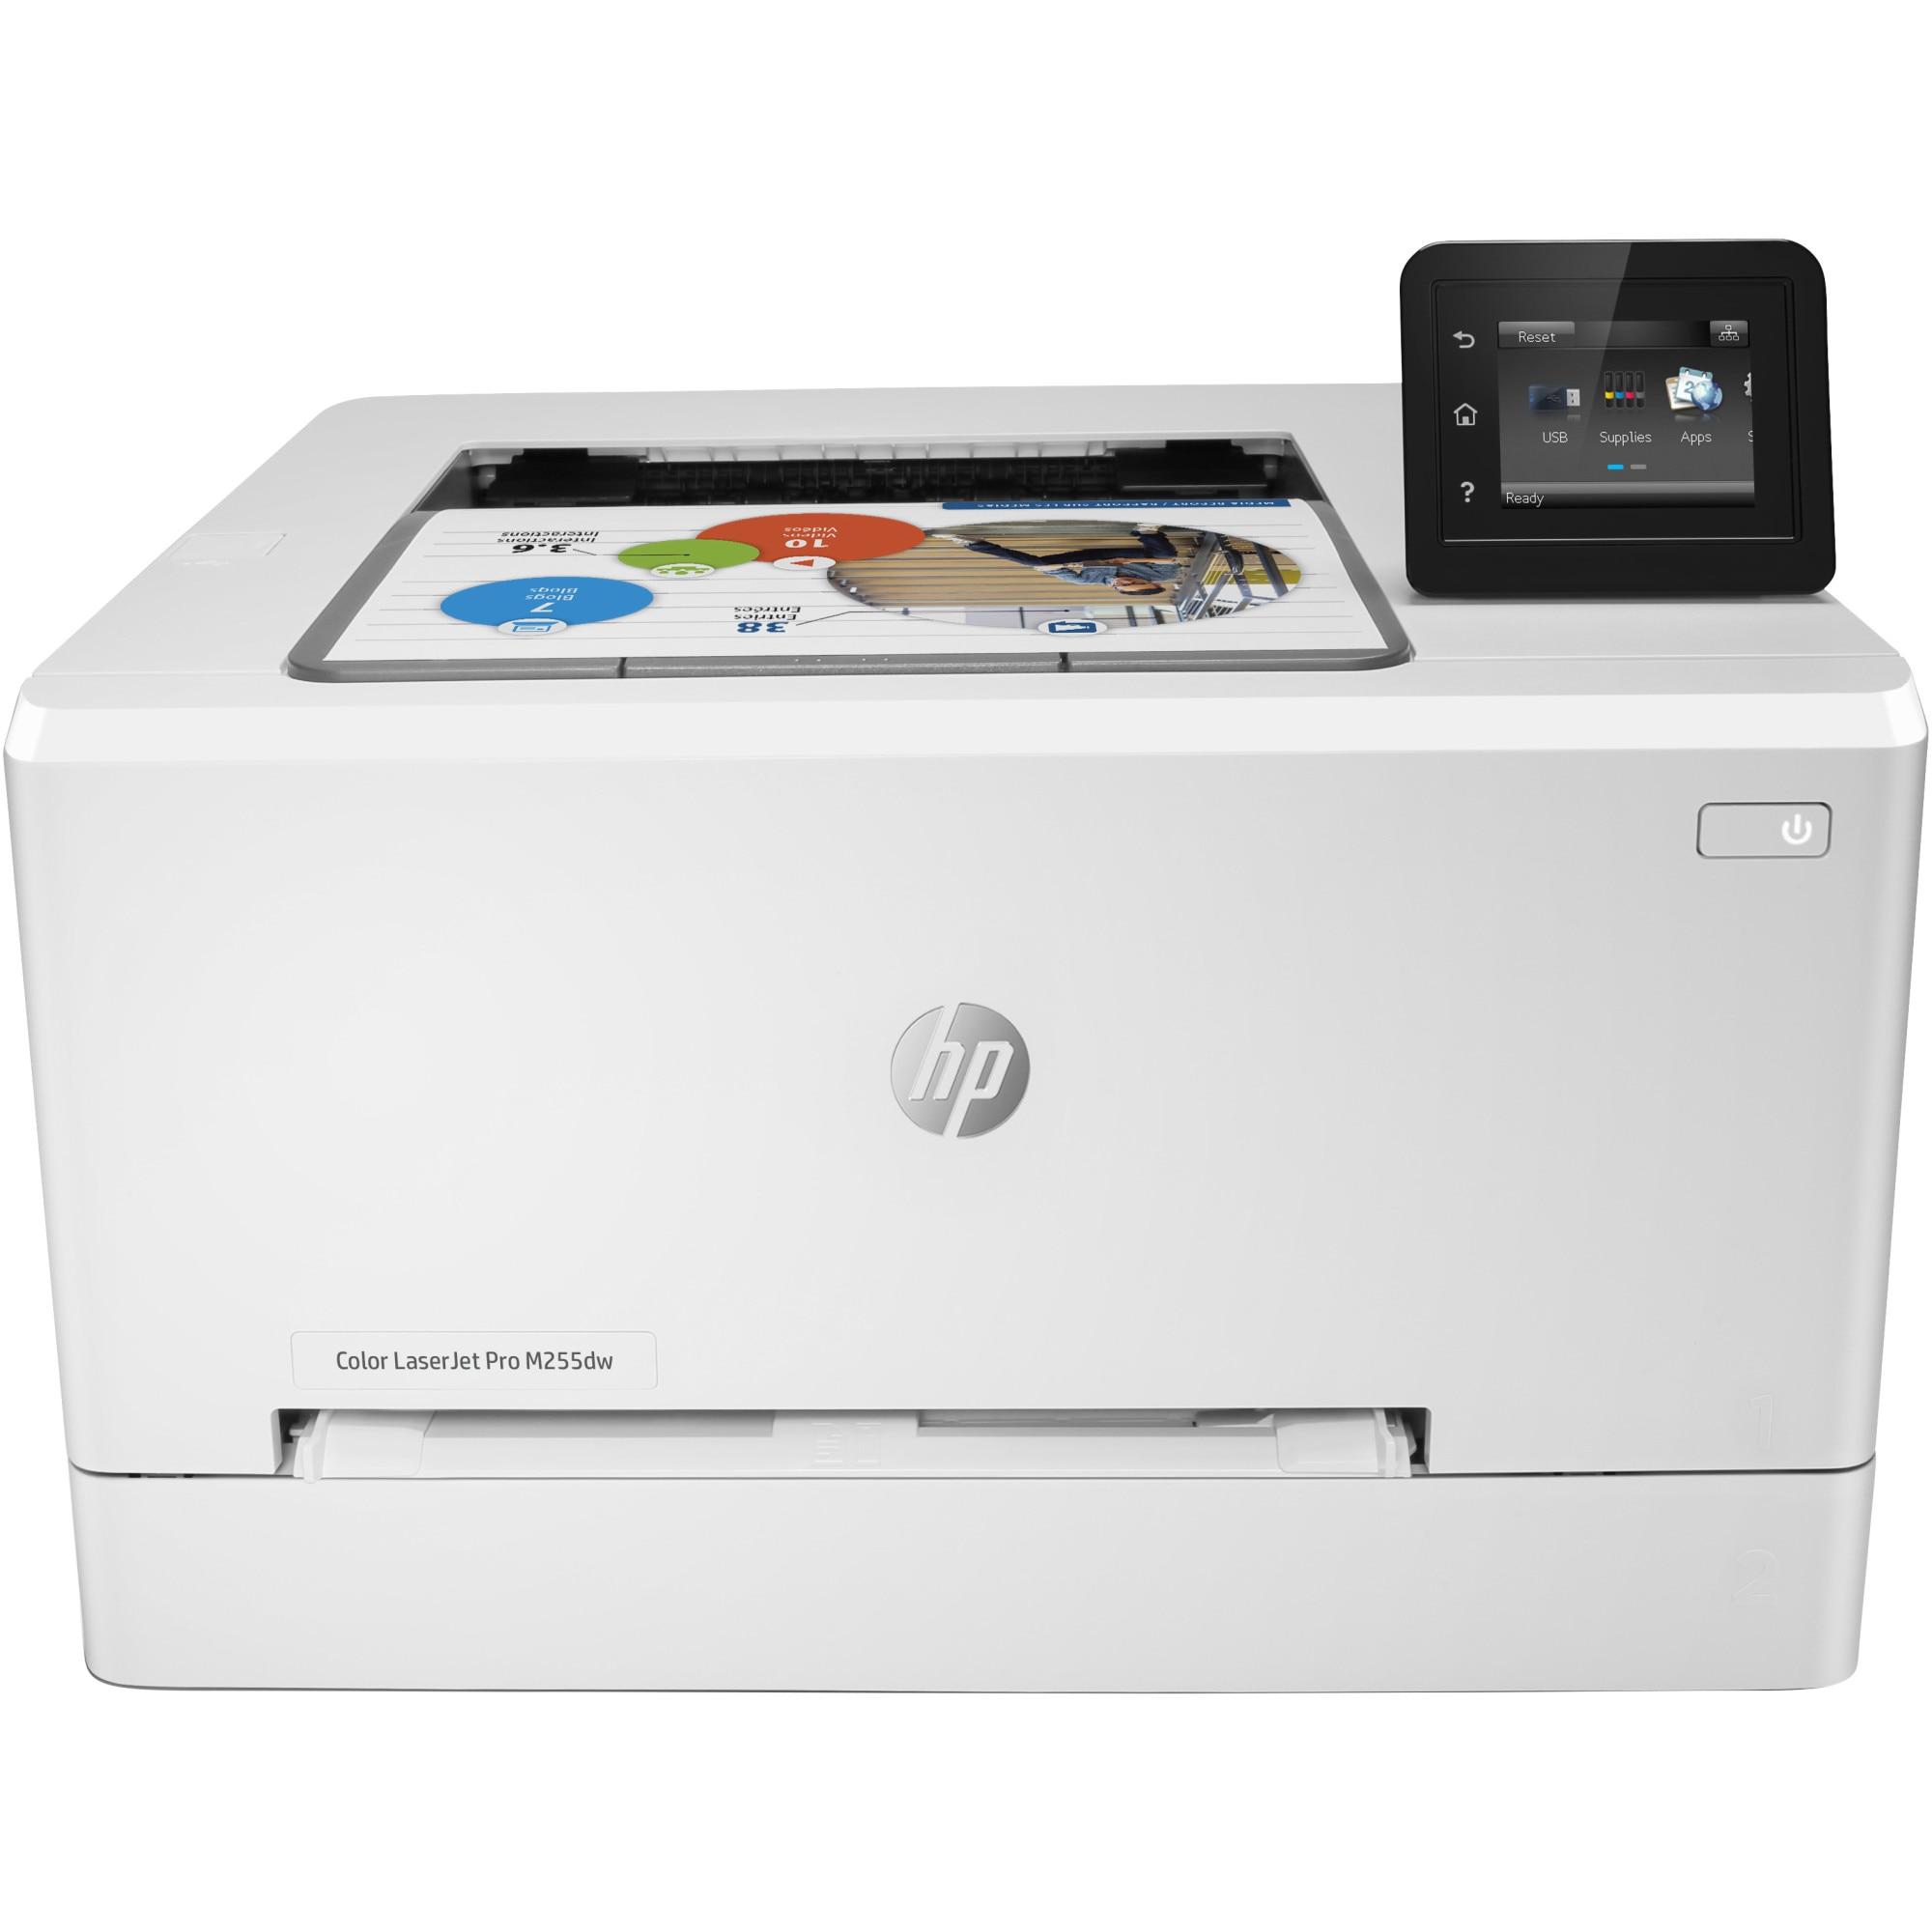 Fotografie Imprimanta laser color HP LaserJet Pro M255dw, Retea, Wireless, Duplex, A4